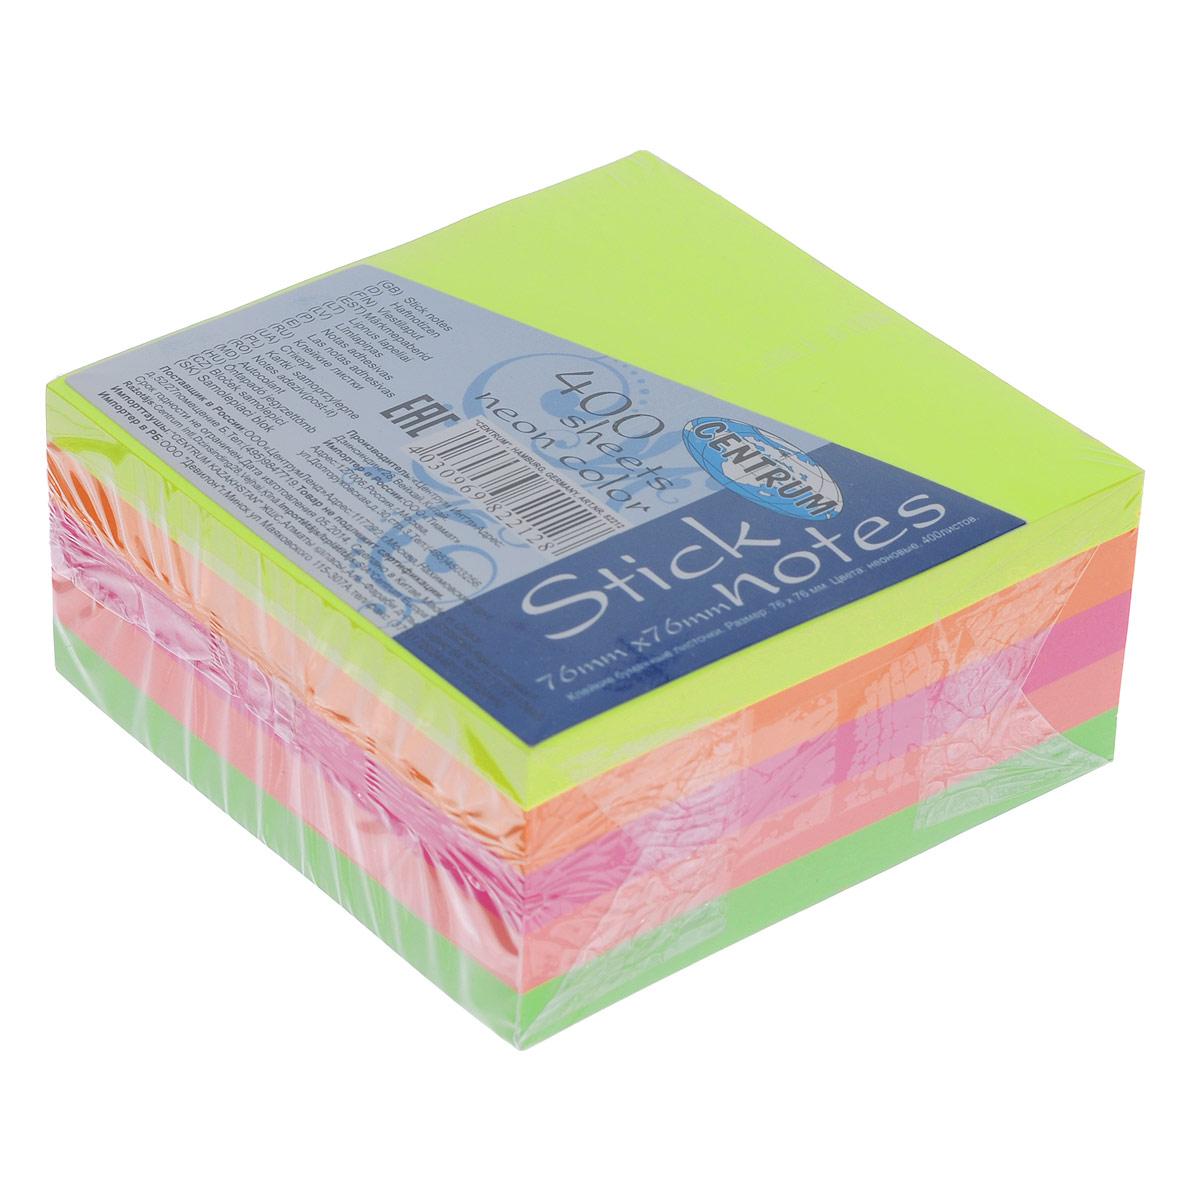 Блок для записей Centrum, с липким слоем, 7,6 см х 7,6 см блок закладка с липким слоем разм 12х44мм пластик 5 цветов по 25л диспенс с ев п